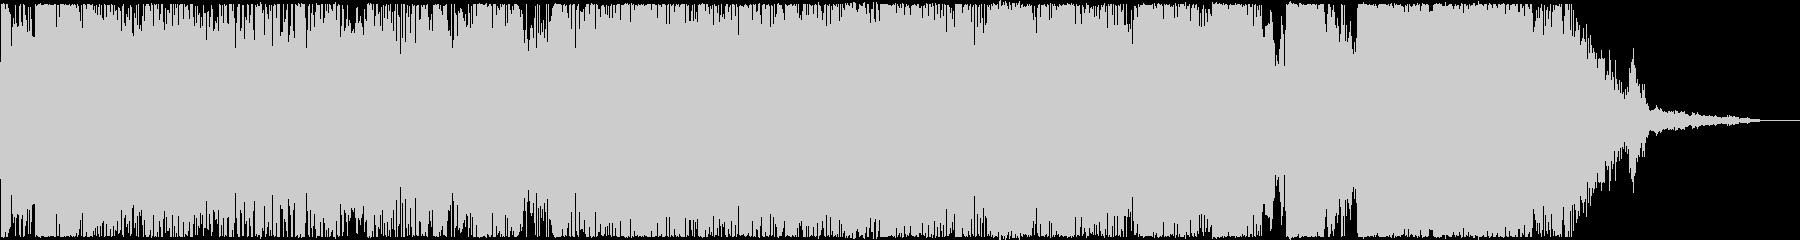 勢いのあるアニソンロック風のジングルの未再生の波形